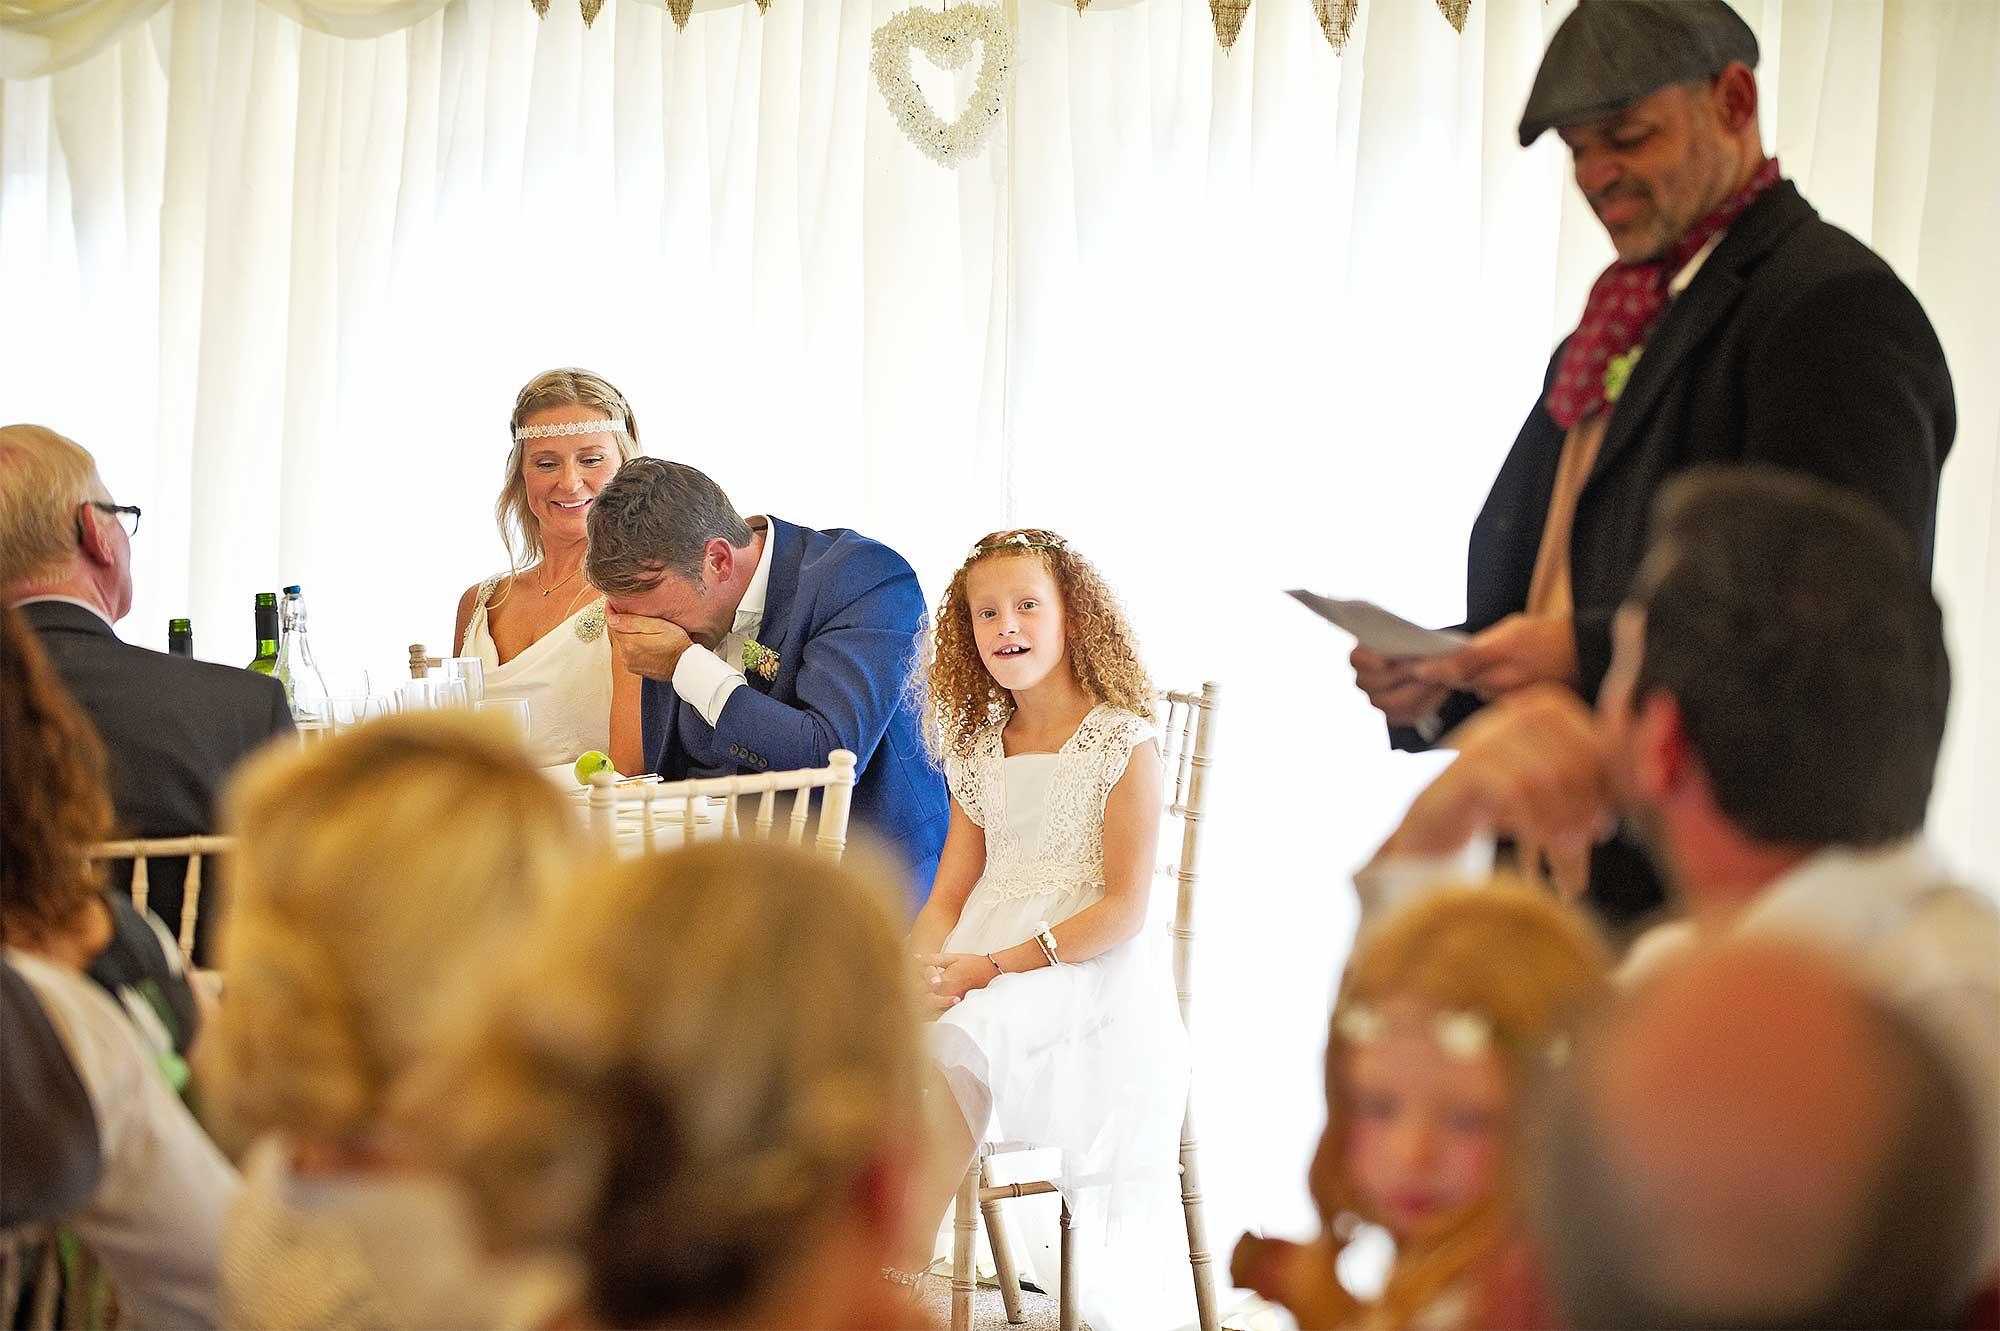 Wedding day bestman speech humiliated groom at Devon wedding